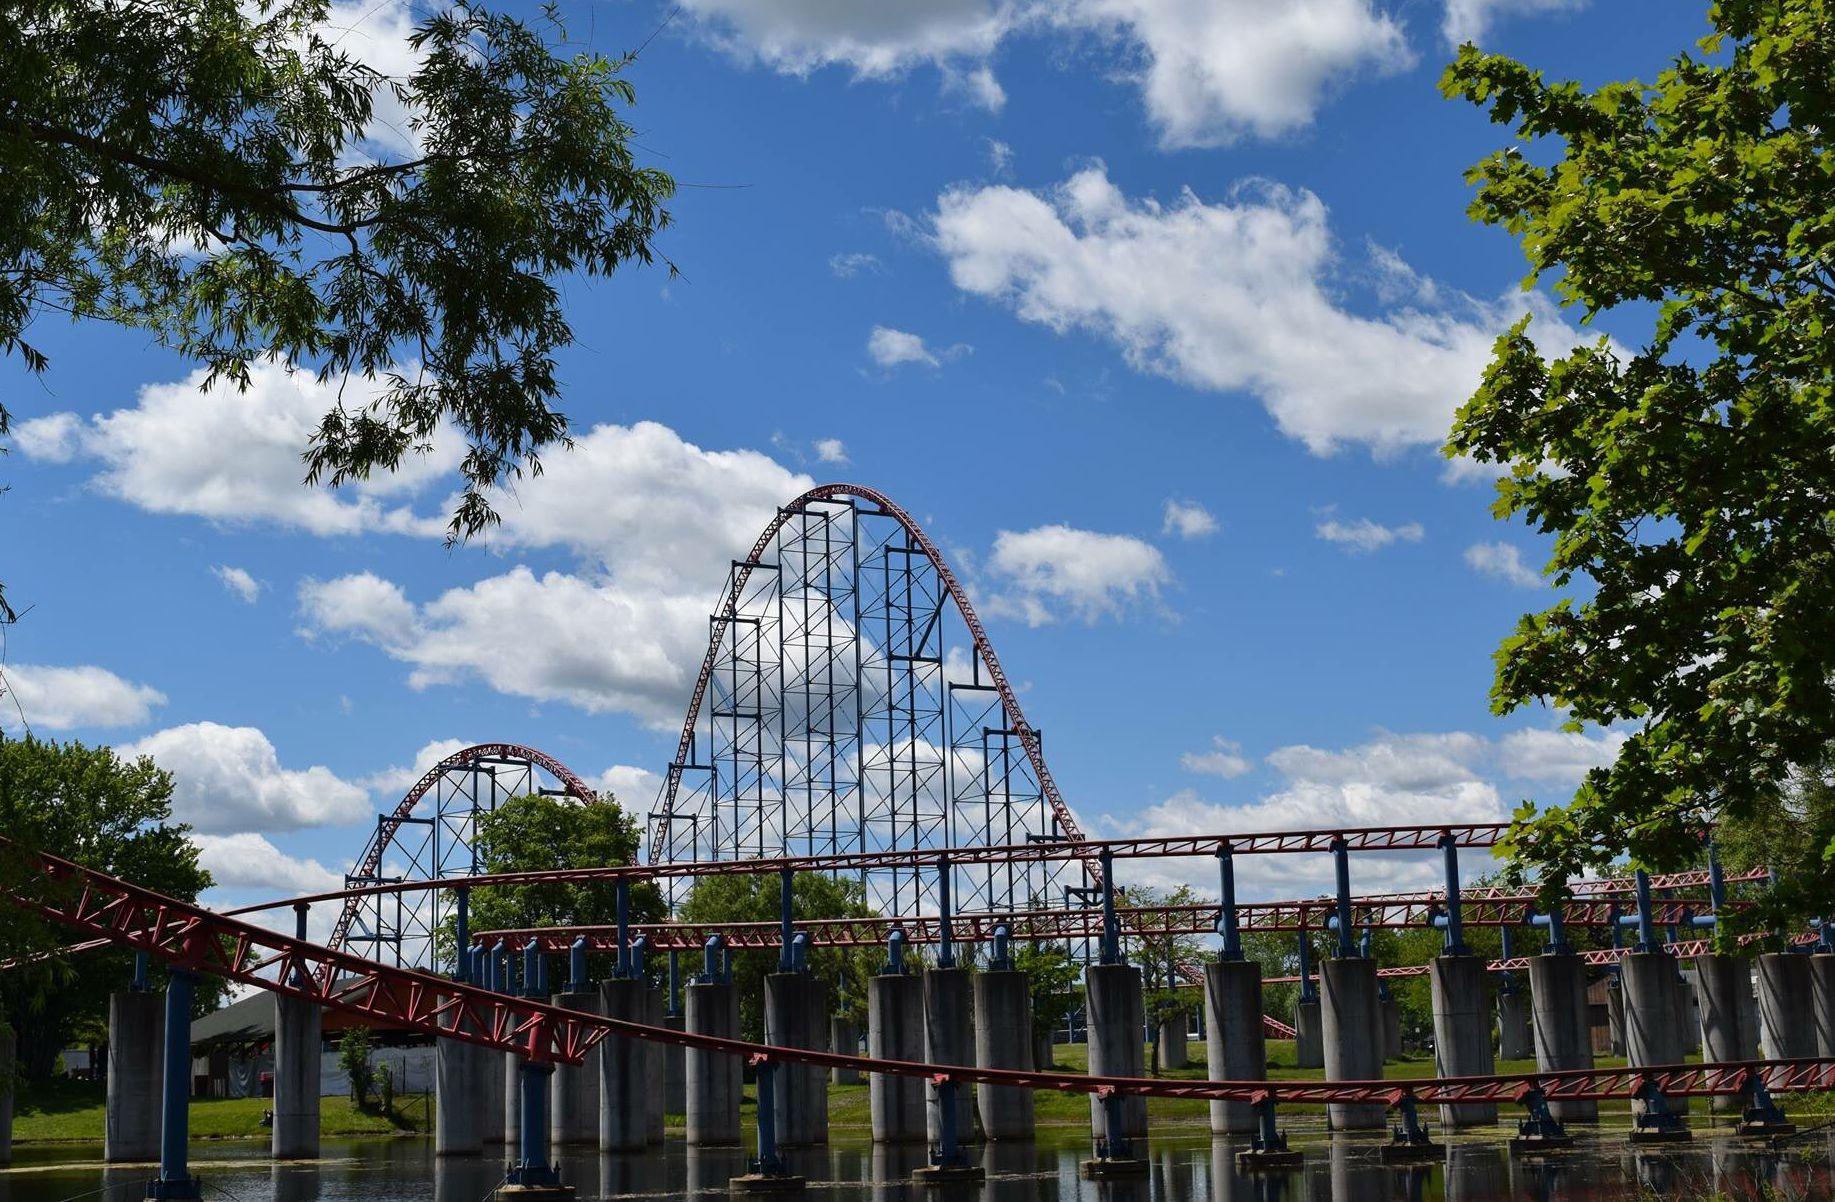 Darien Lake Play And Stay At The Ny Amusement Park